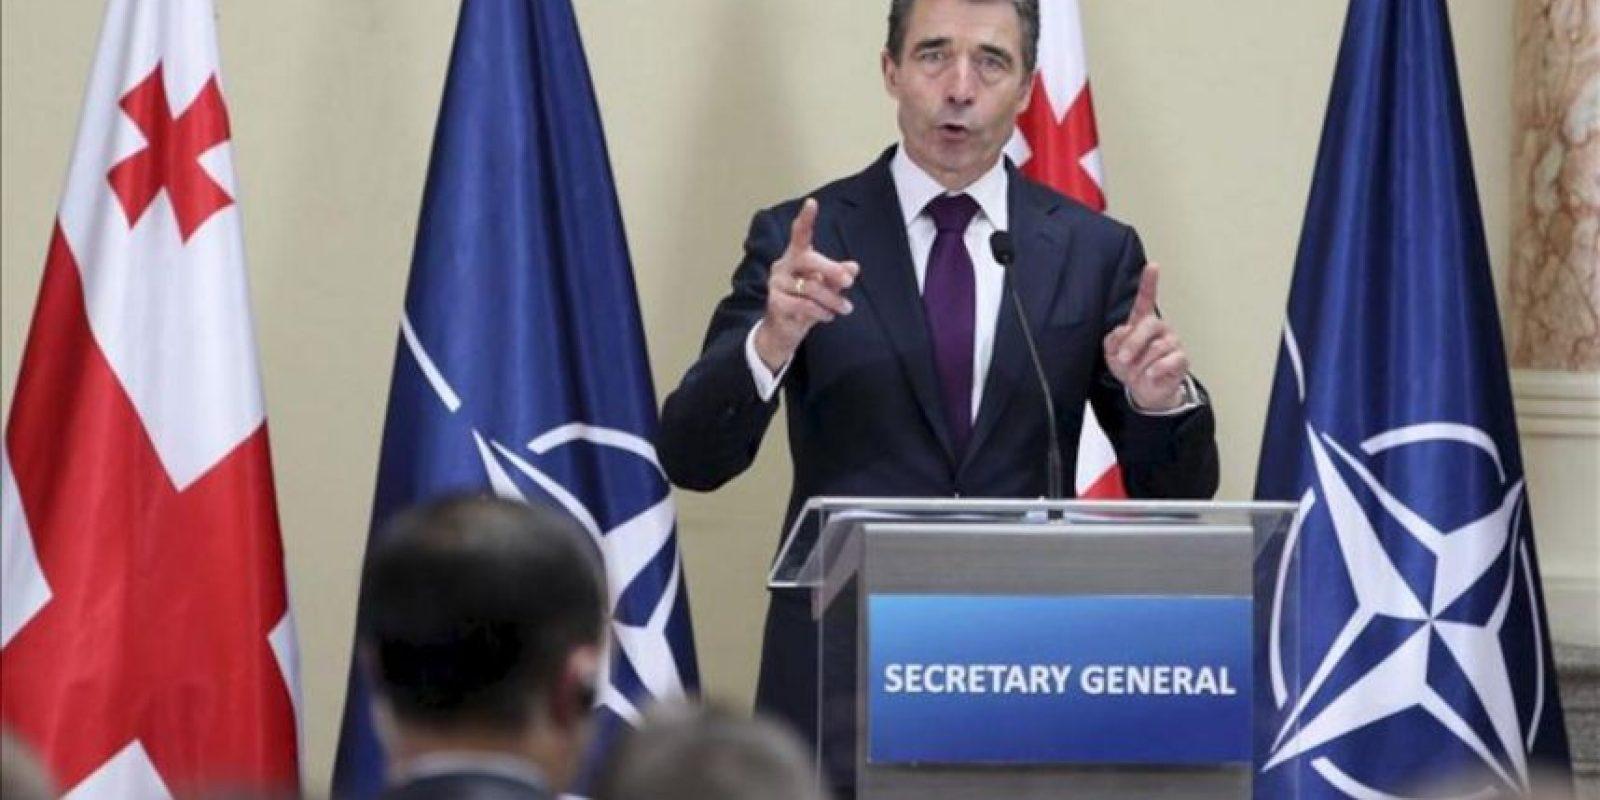 El secretario general de la OTAN, Fogh Rasmussen, ofrece un discurso ante estudiantes georgianos en la Biblioteca Nacional en Tbilisi (Georgia) hoy, jueves 27 de junio de 2013. EFE